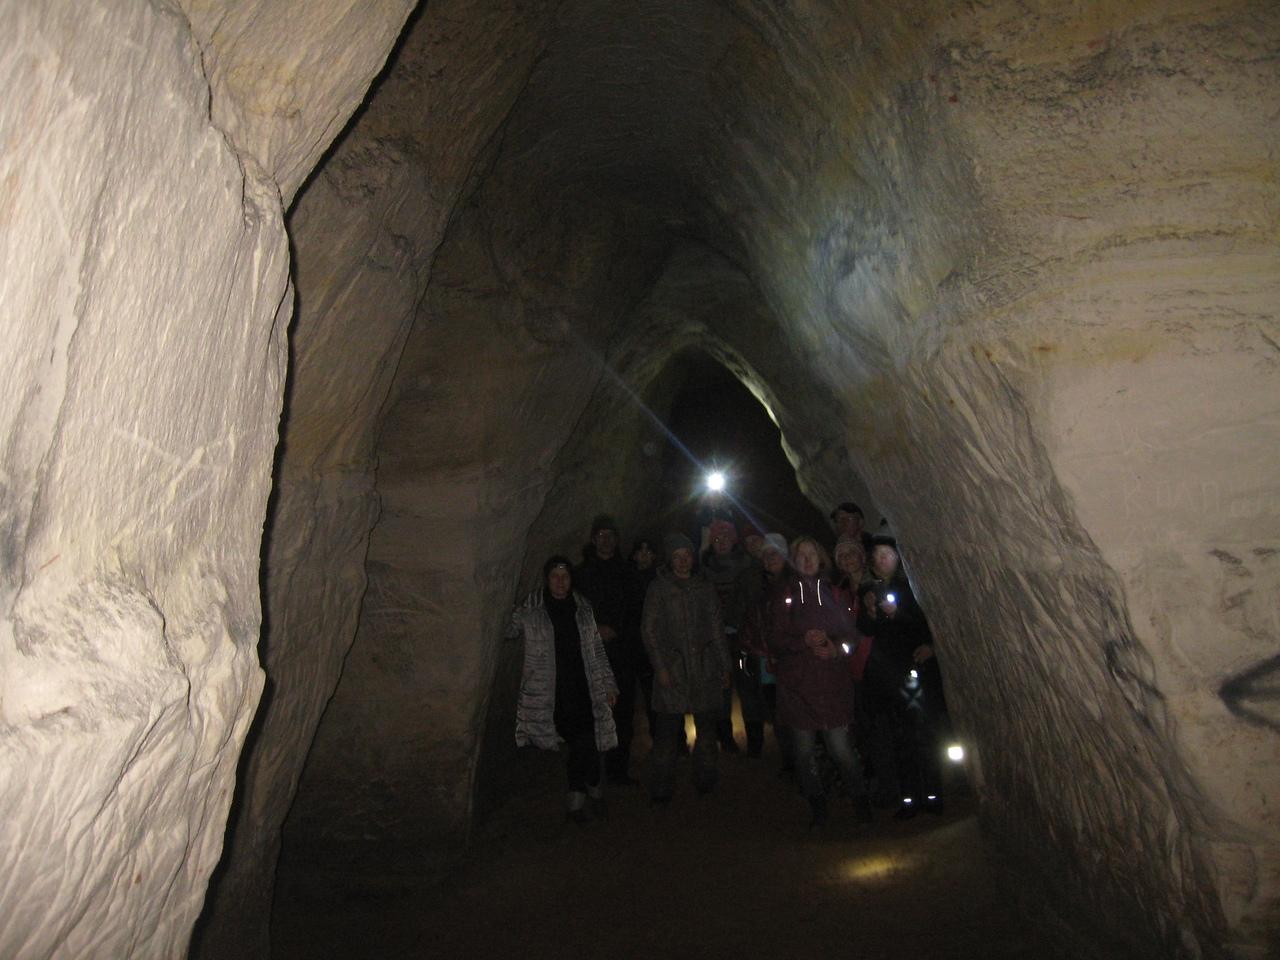 По берегу реки Оредеж. Борщовские пещеры - самые красивые и высокие пещеры Ленобласти.